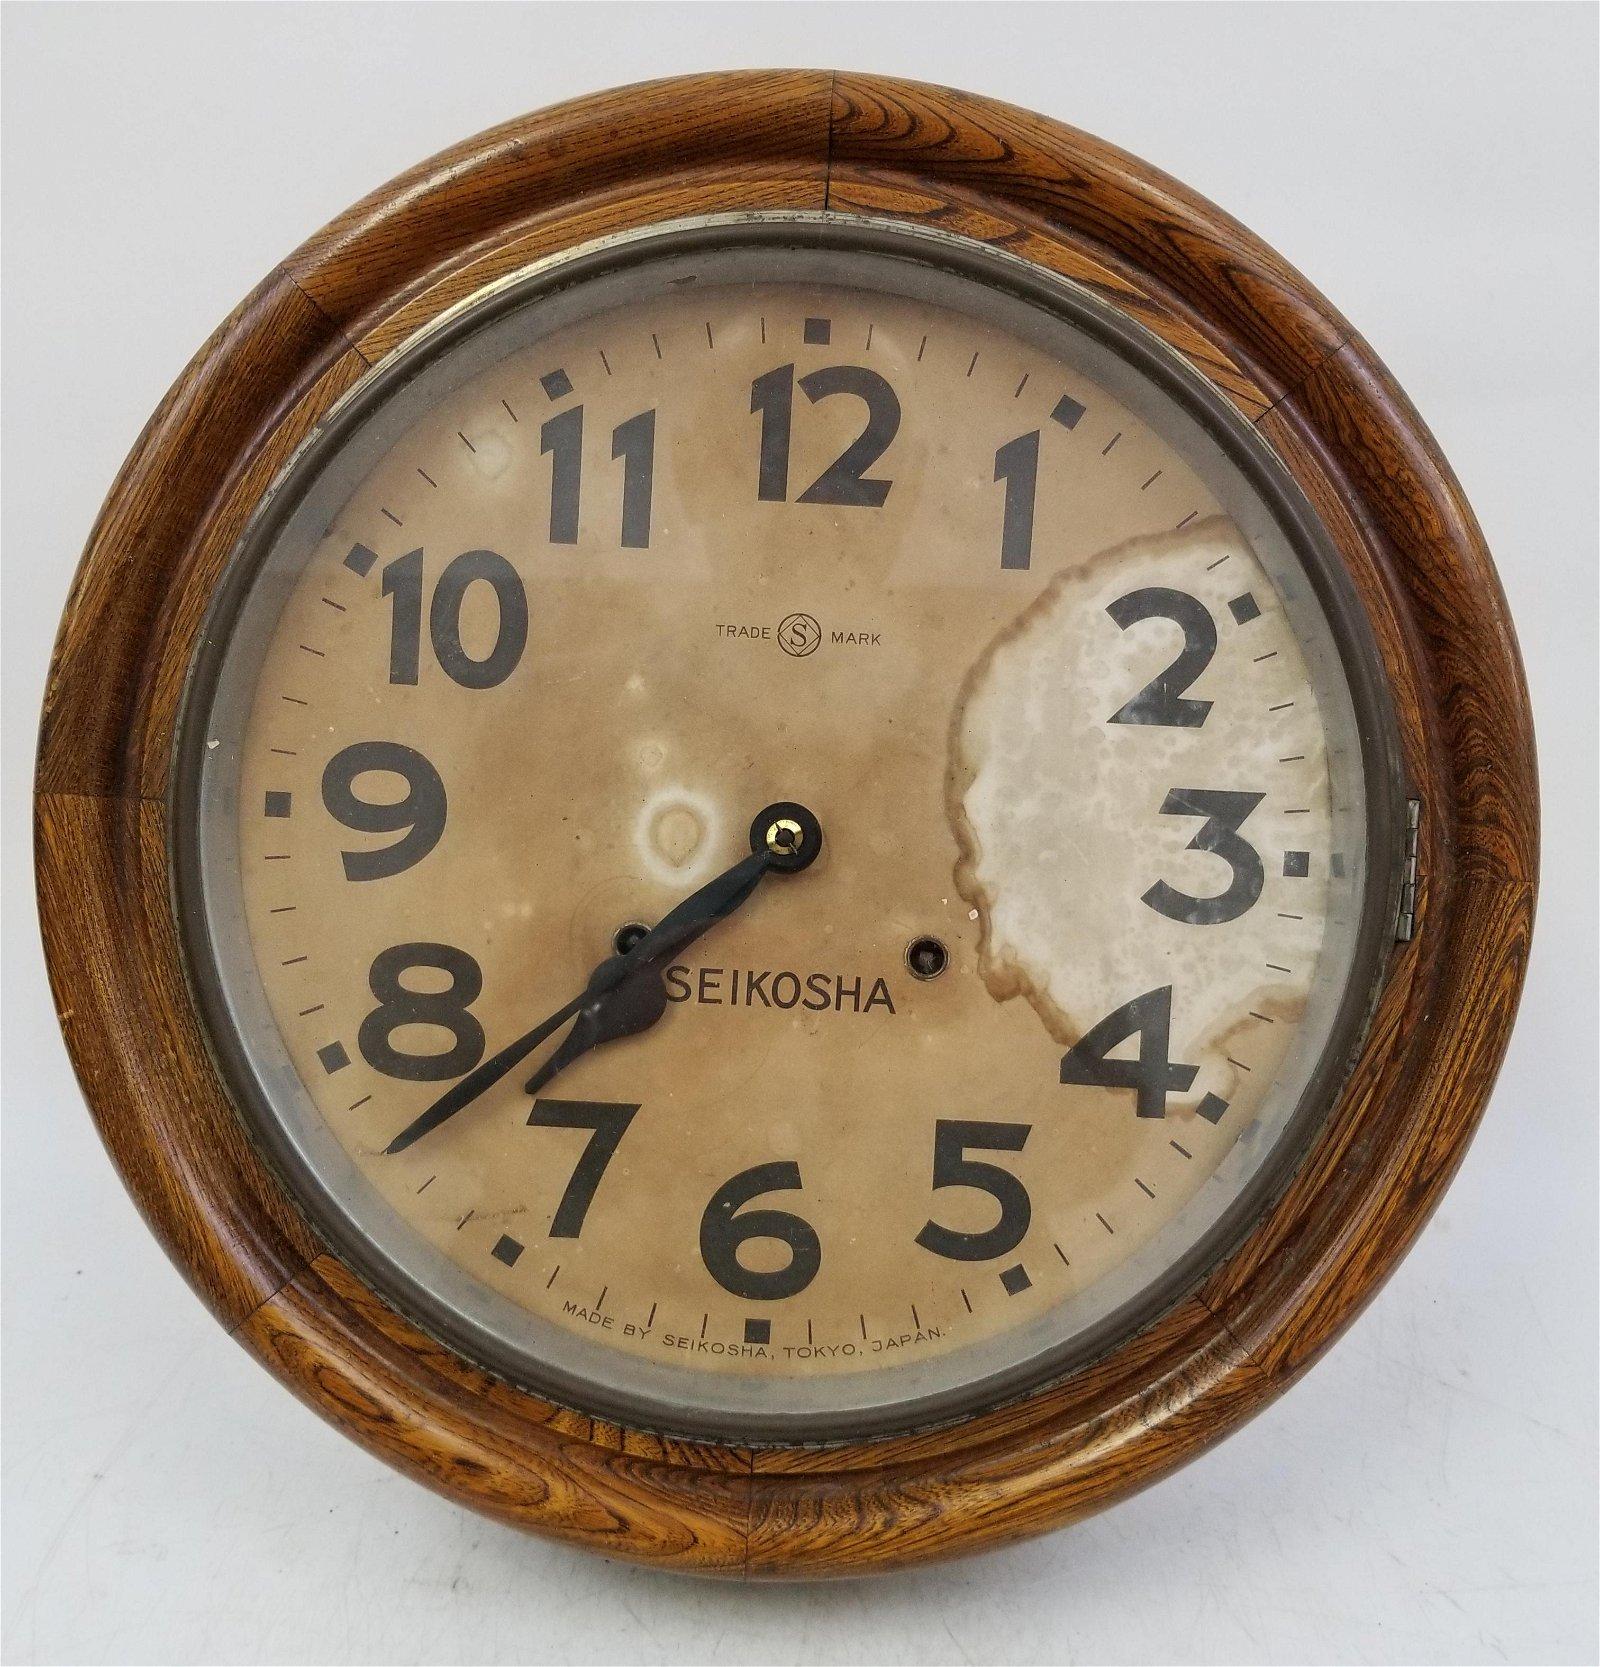 Extremely Rare Antique Seiko (Seikosha) Wall Clock